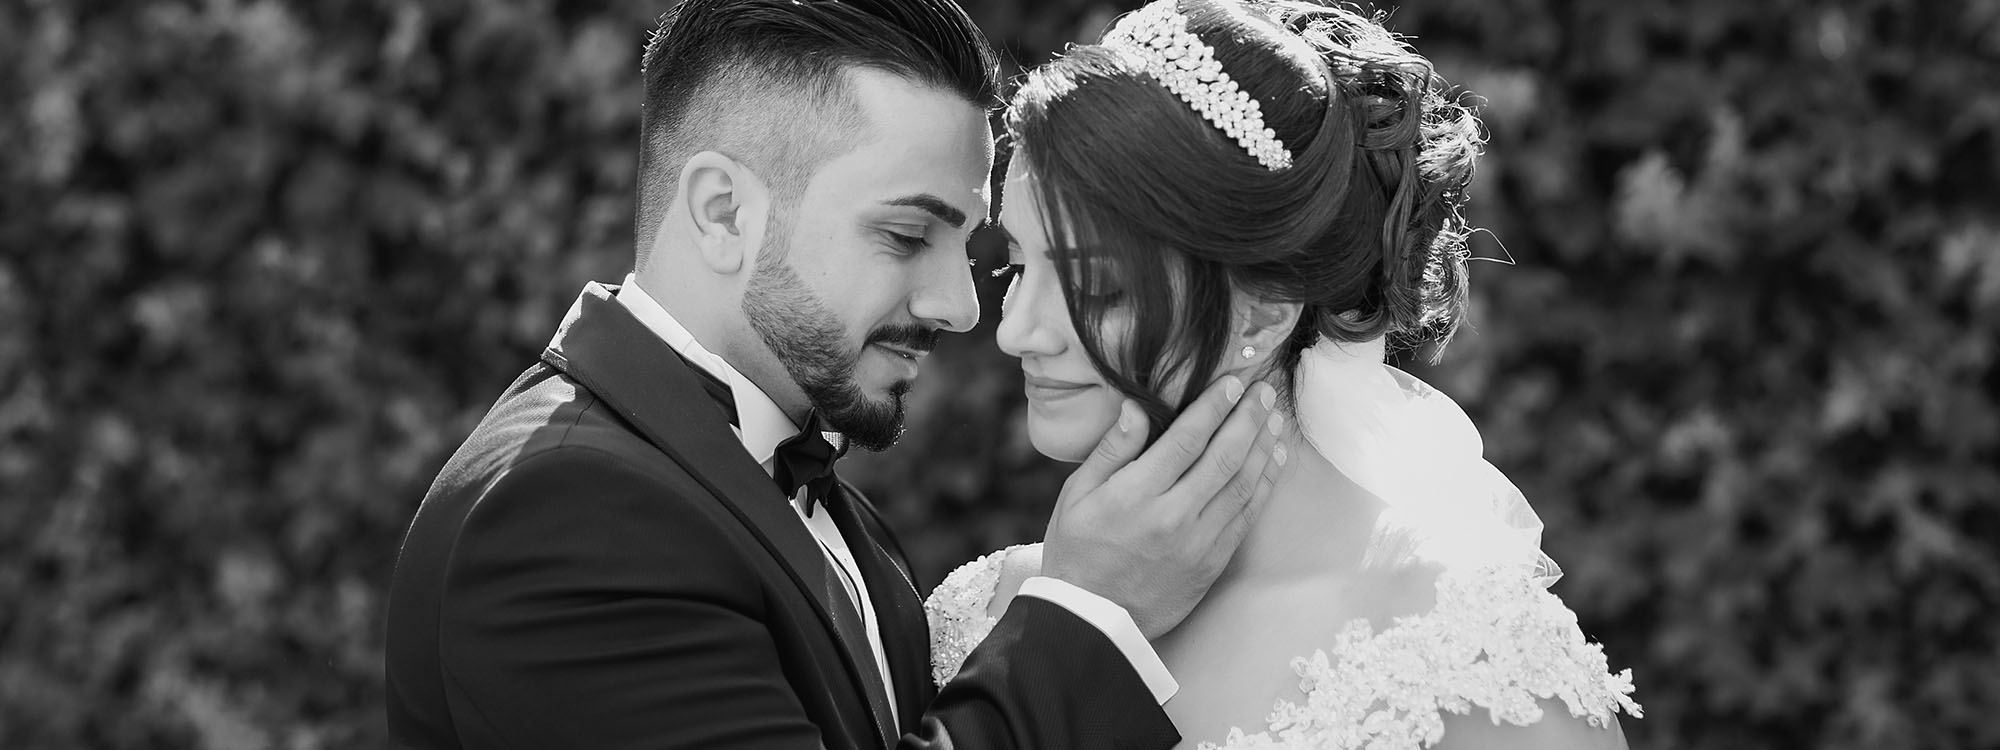 prezzi-fotografo-matrimonio